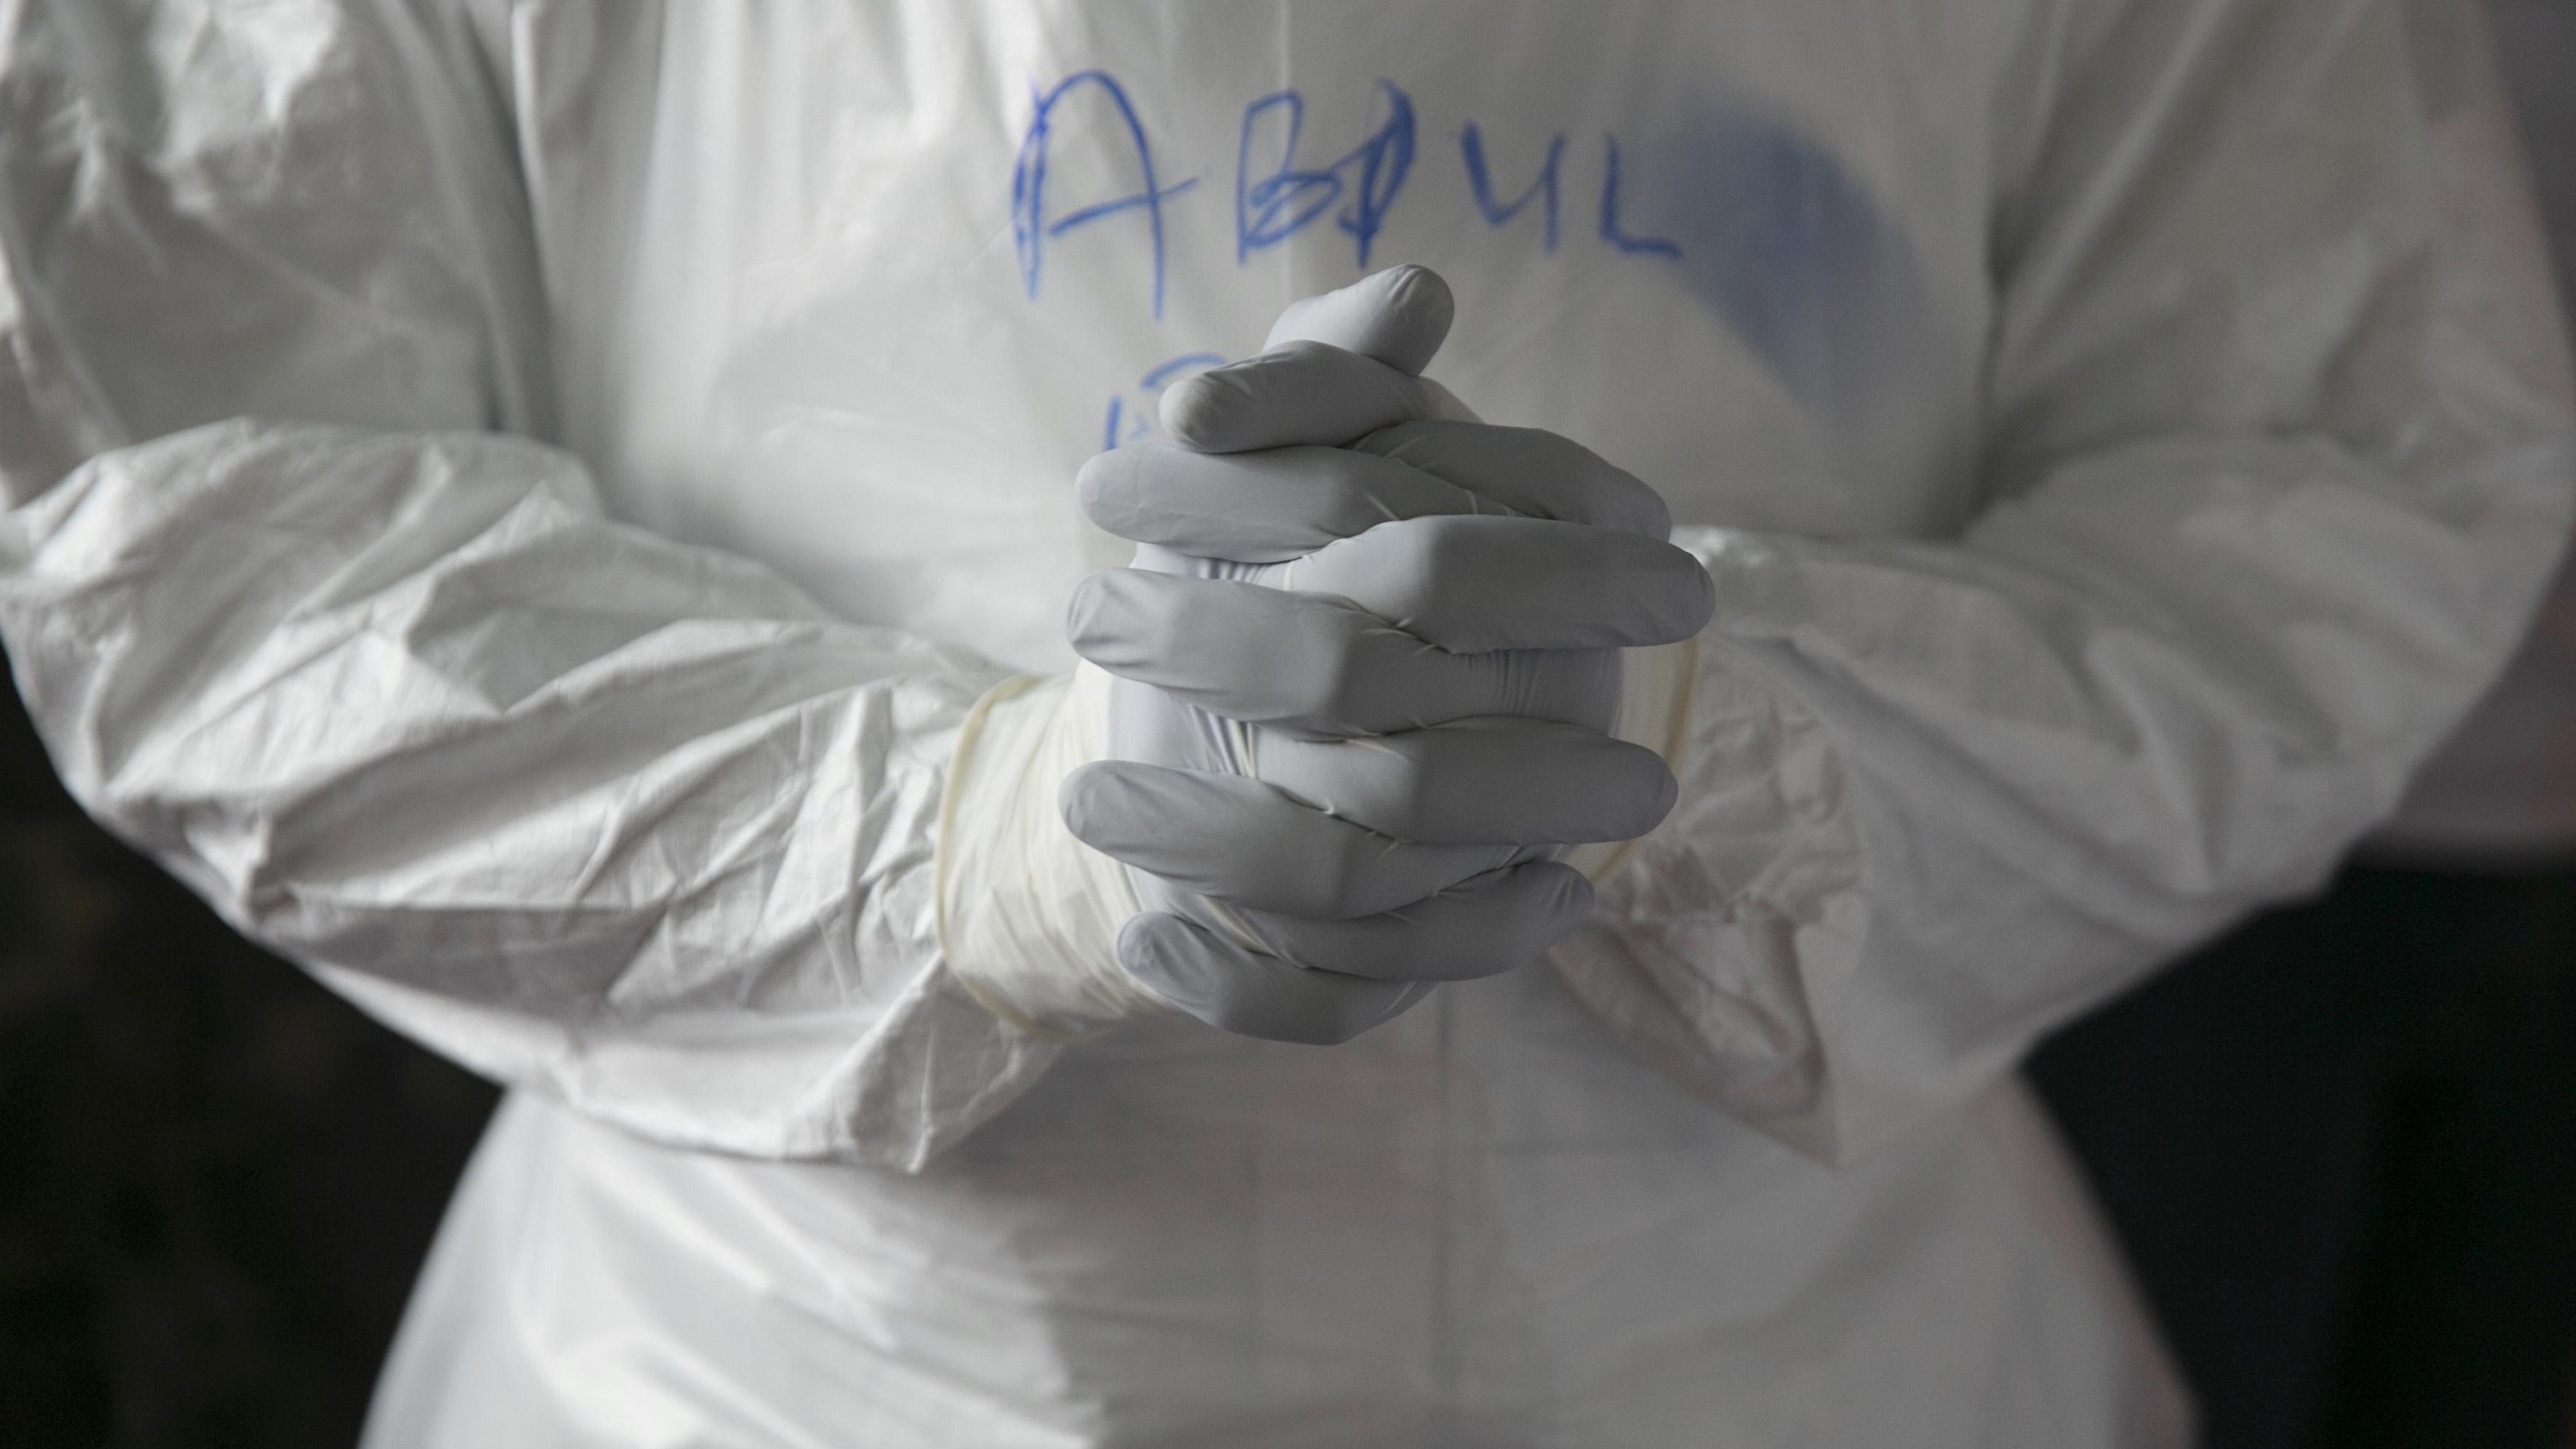 World Health Organization declares Ebola outbreak in Democratic Republic of Congo